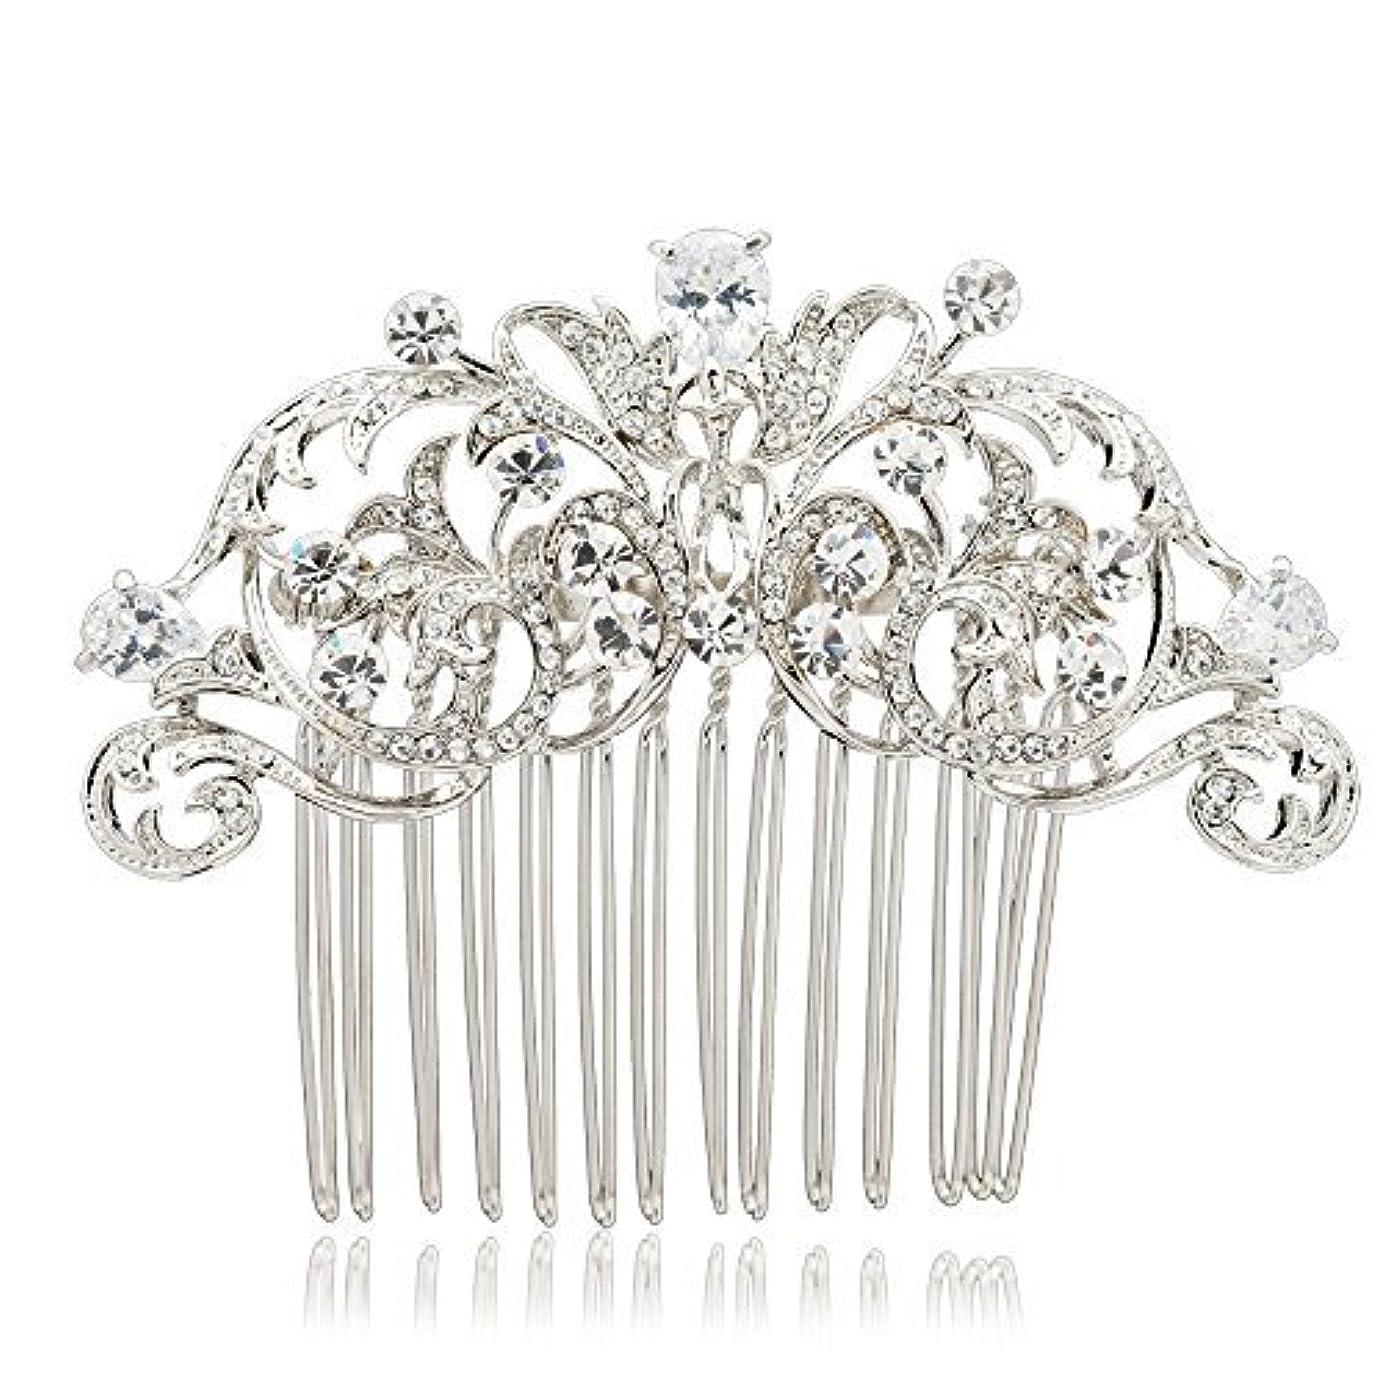 操作コンテスト屋内でSEPBRIDALS Crystal Rhinestone Hair Side Comb Pins Bridal Wedding Women Hair Accessories Jewelry 2253R [並行輸入品]